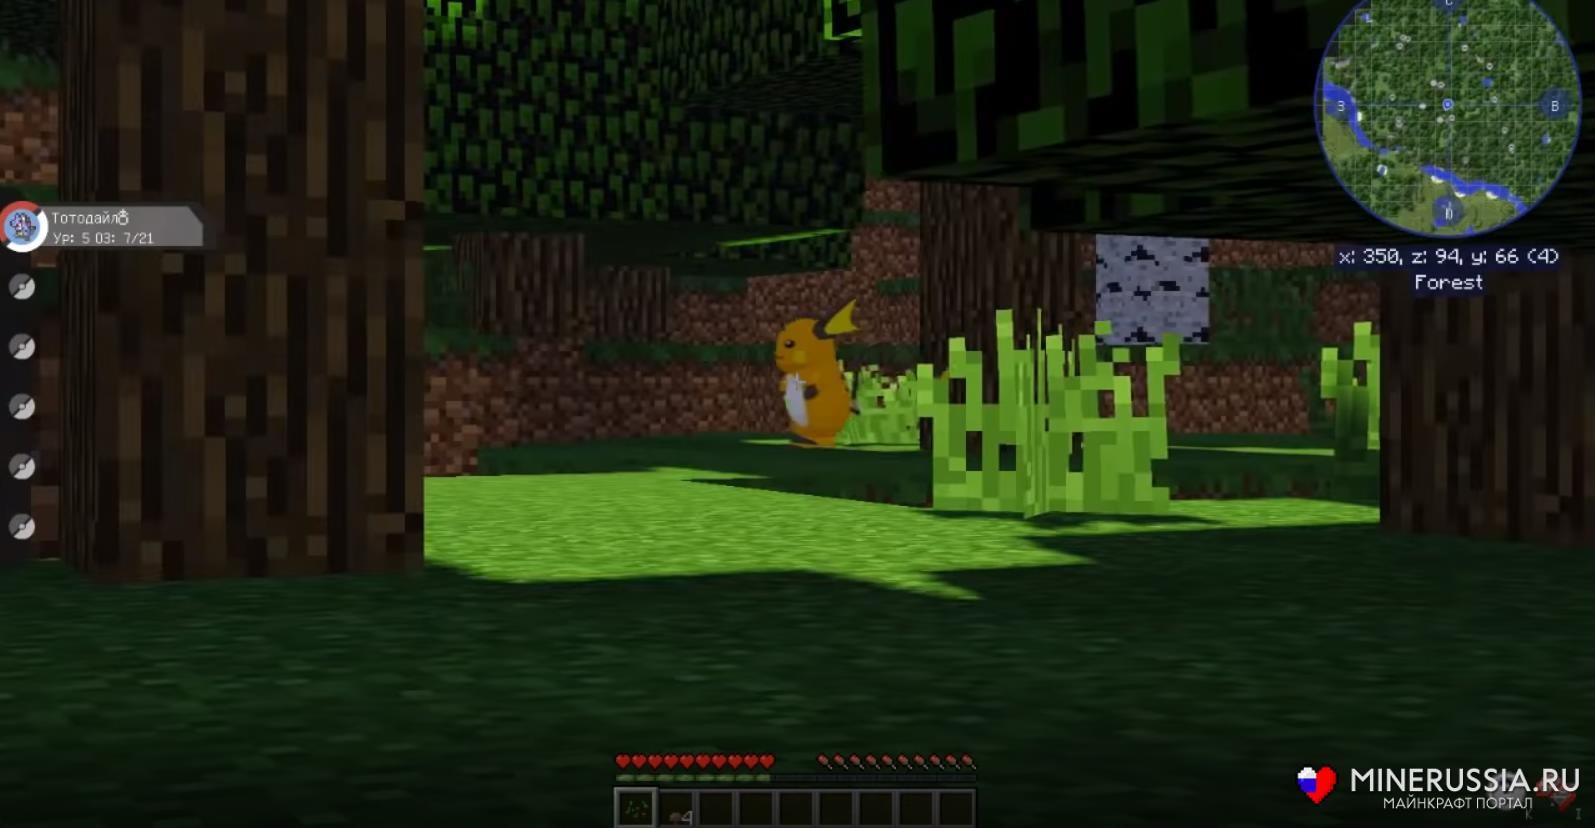 Мод на покемонов «Pixelmon»1.12.2/1.7.10 - скриншот 8